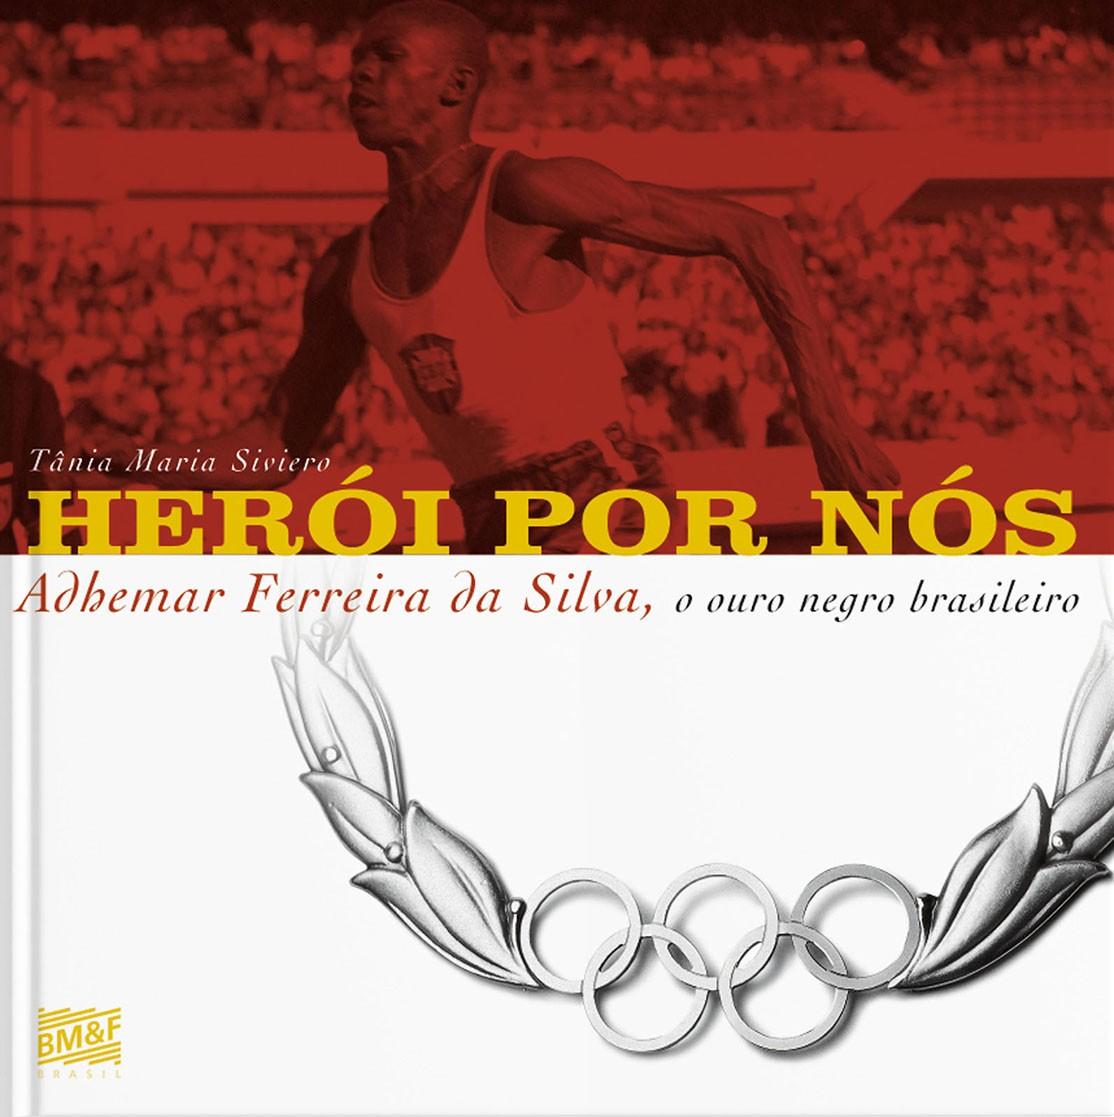 Herói por nós, Adhemar Ferreira da Silva, o ouro negro brasileiro